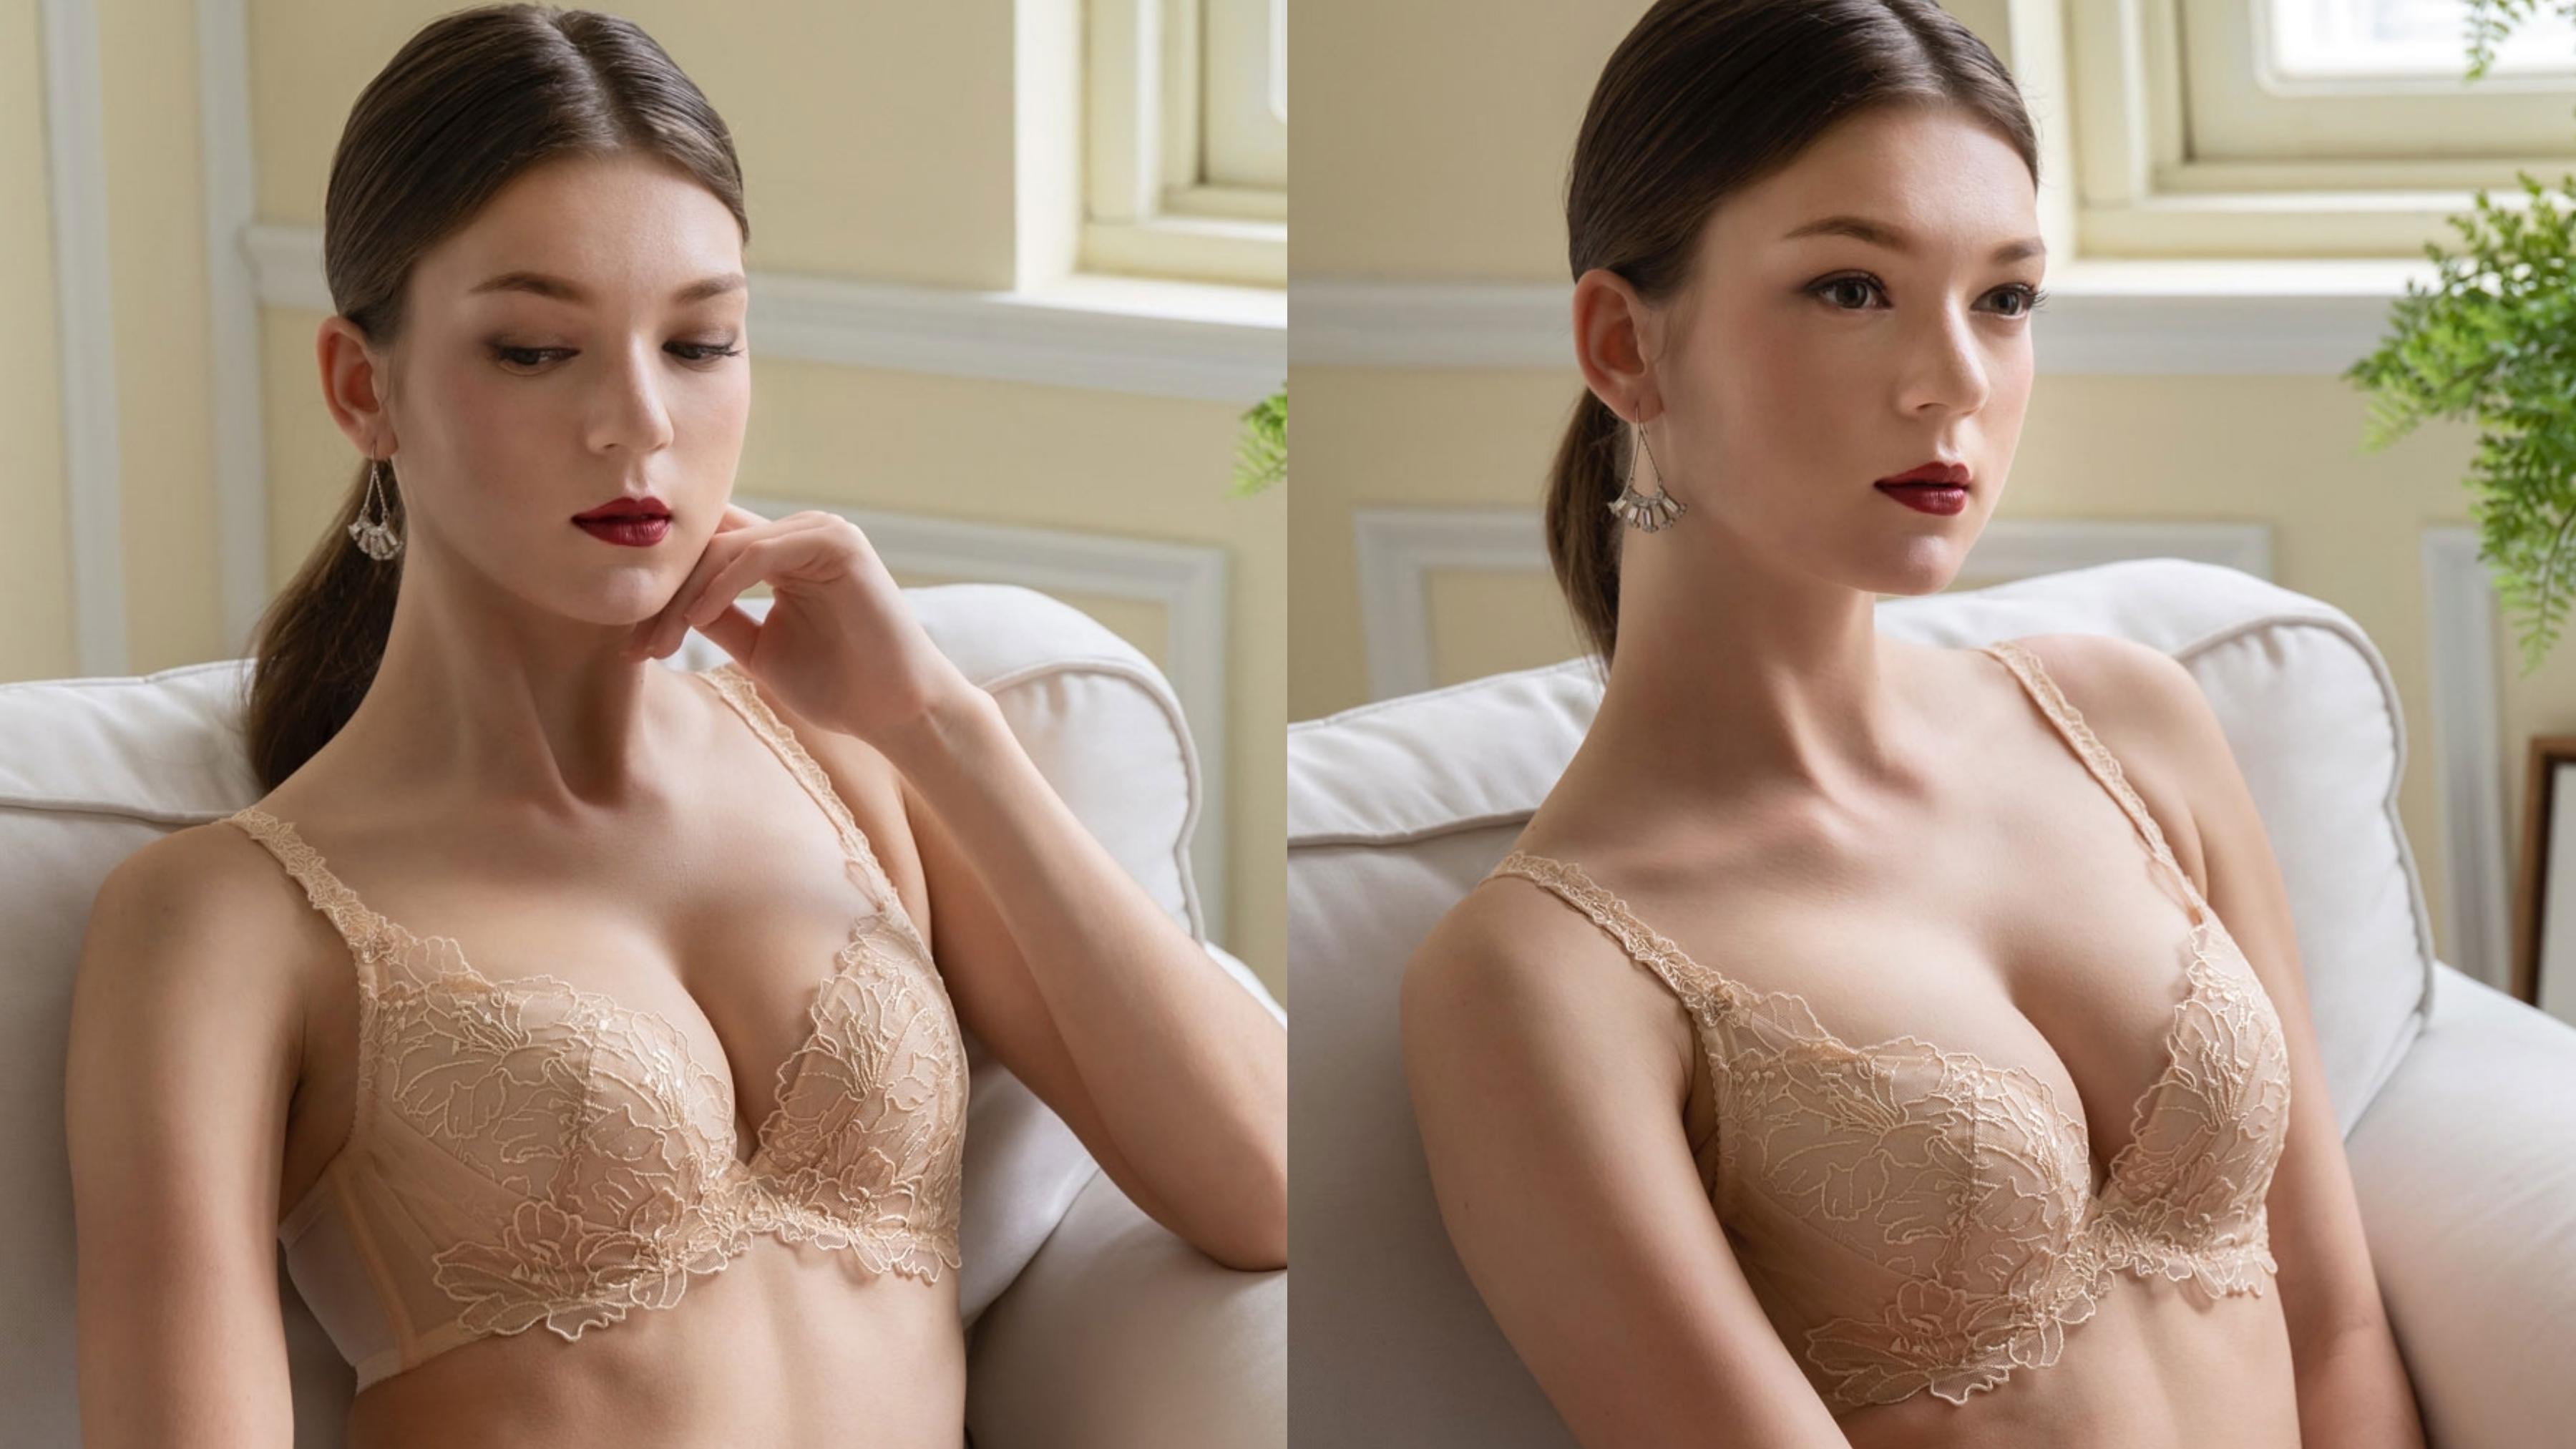 刺繡蕾絲表面加入金屬壓印效果,完美呈現巴黎皇室金碧輝煌的華麗感